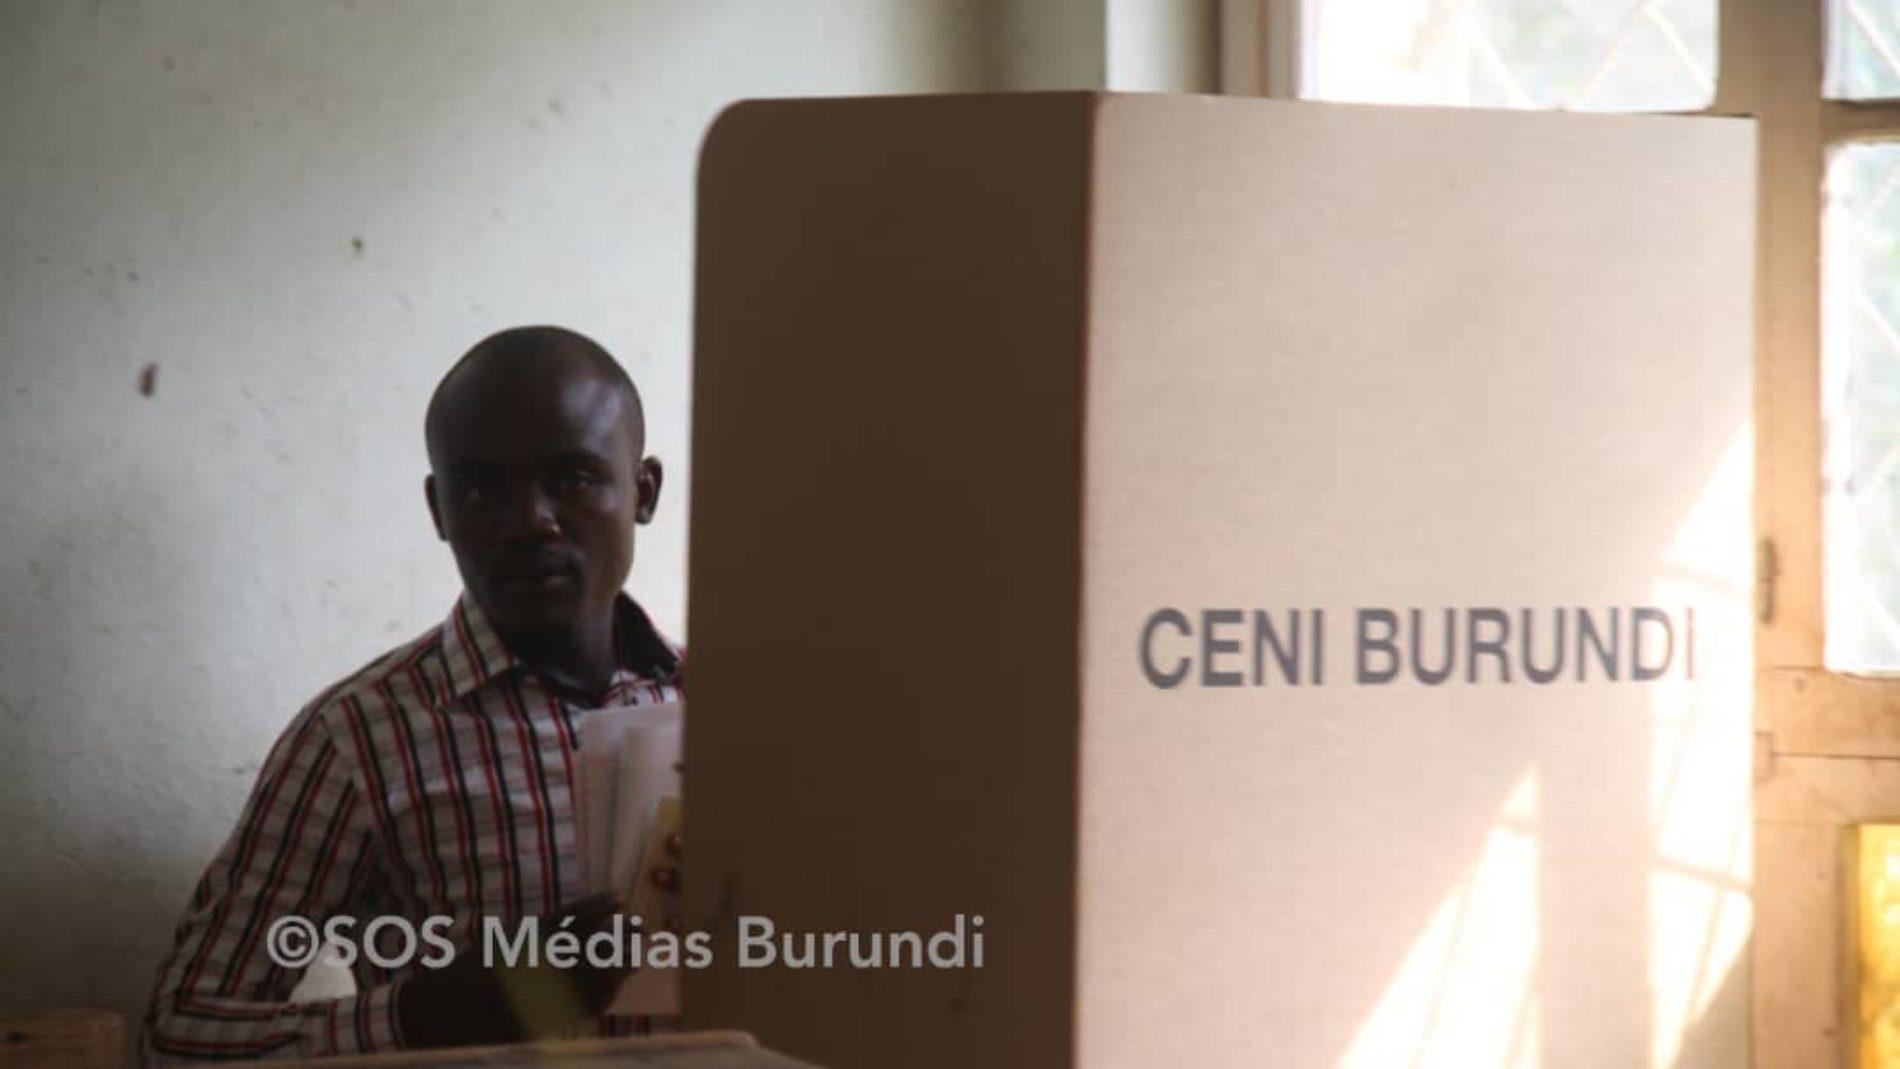 Burundi-élections 2020, breakingnews Suivez le direct ici